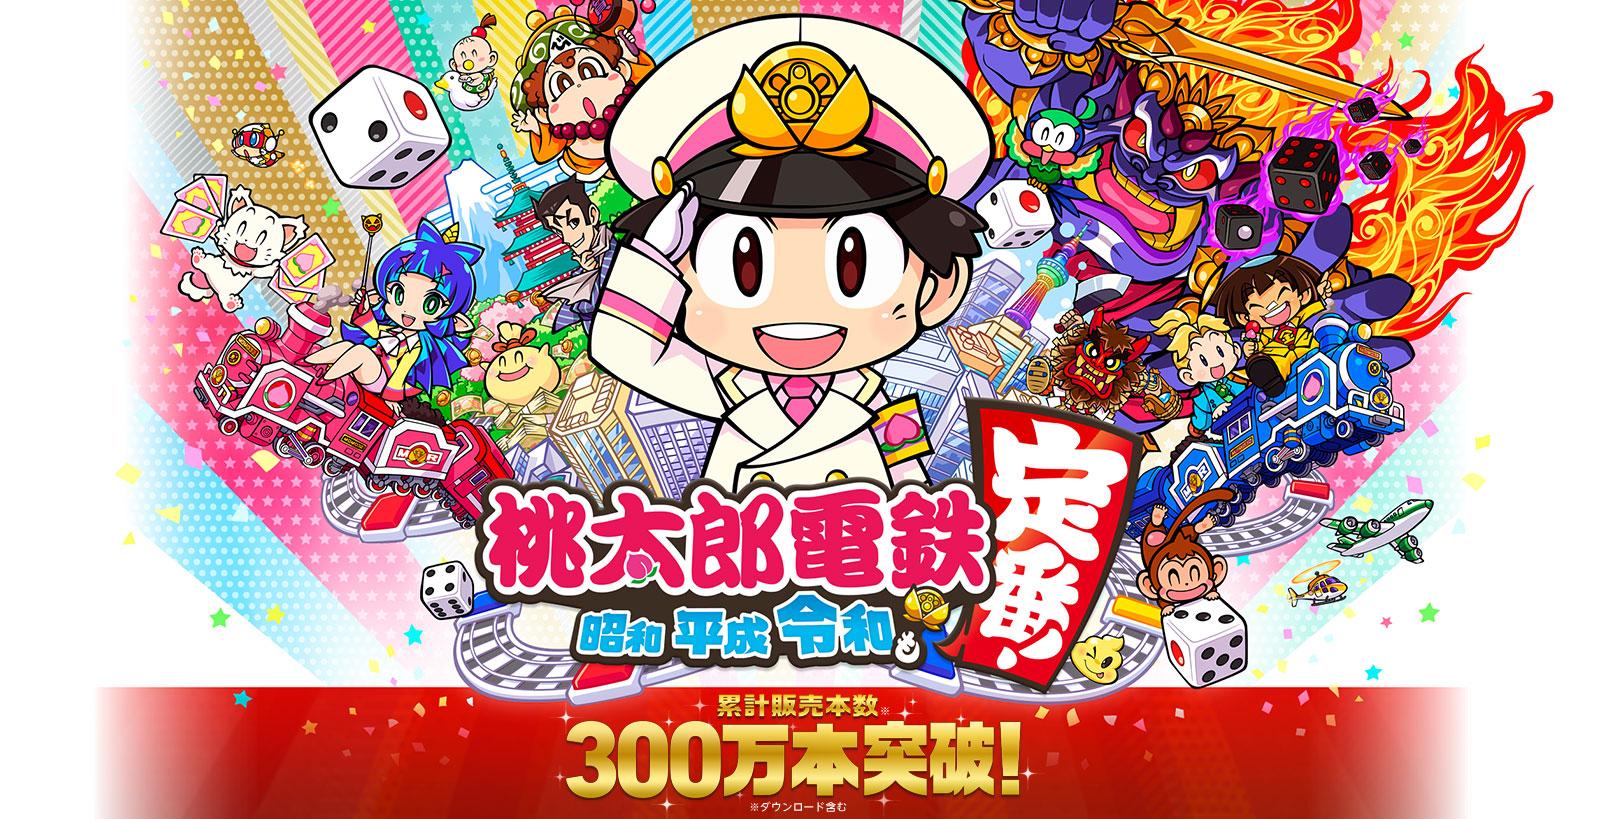 《桃太郎电铁》销量突破三百万 官方将推出限量体验版 游戏资讯 第1张